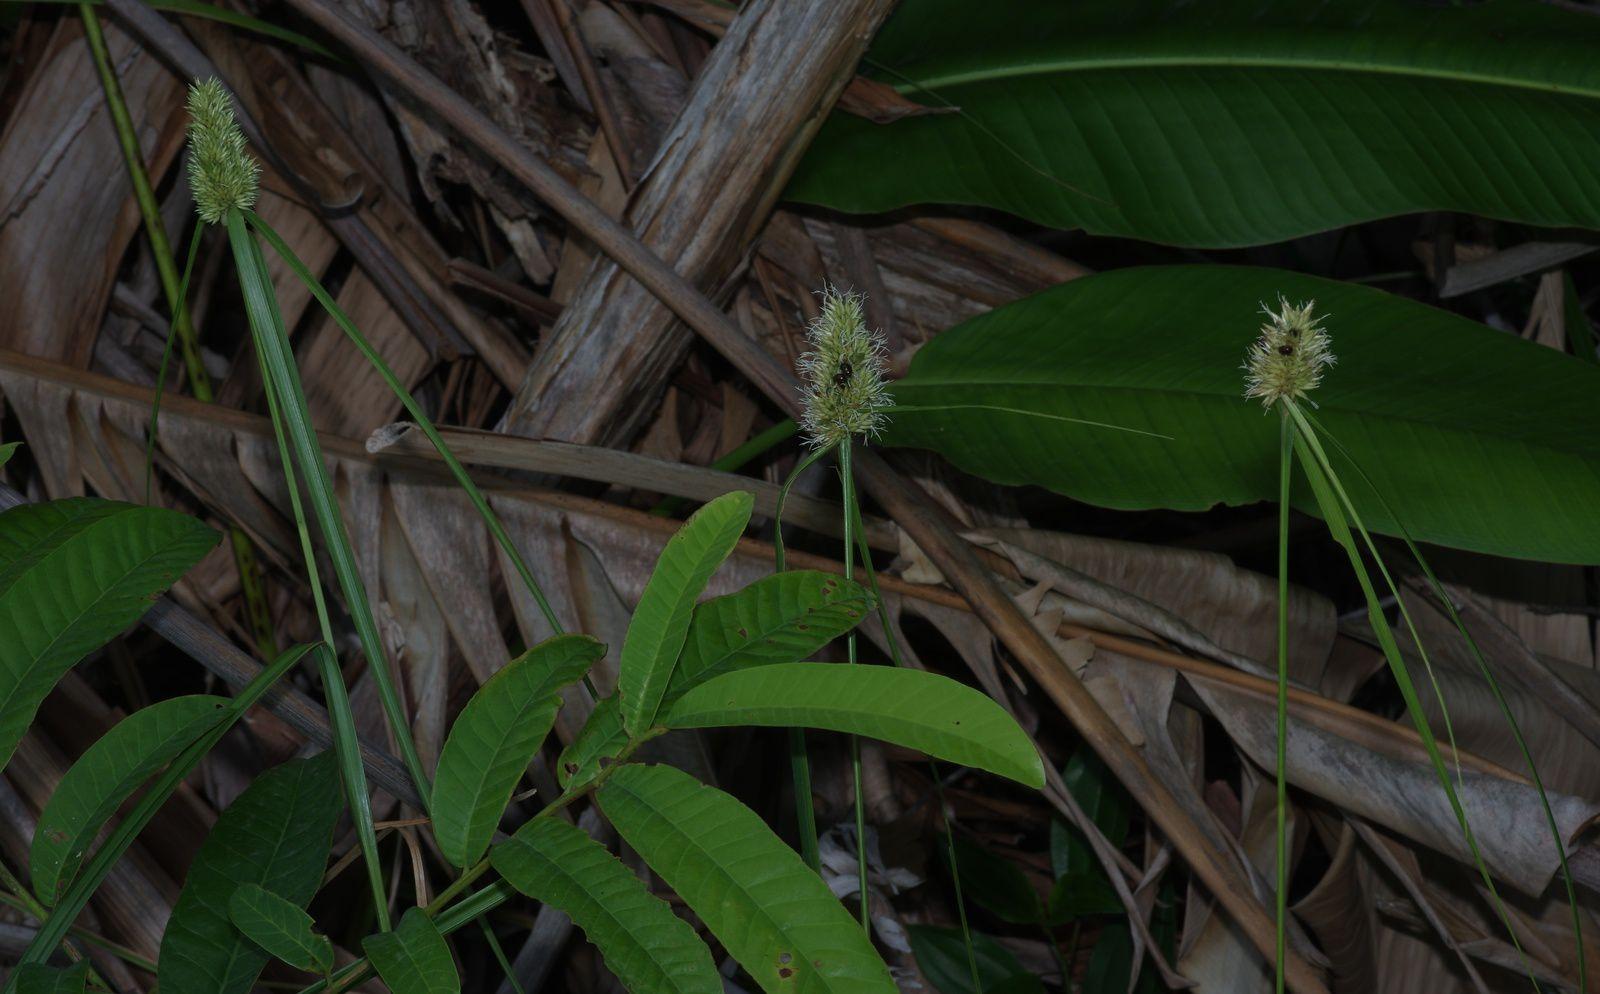 Rhynchospora cephalotes